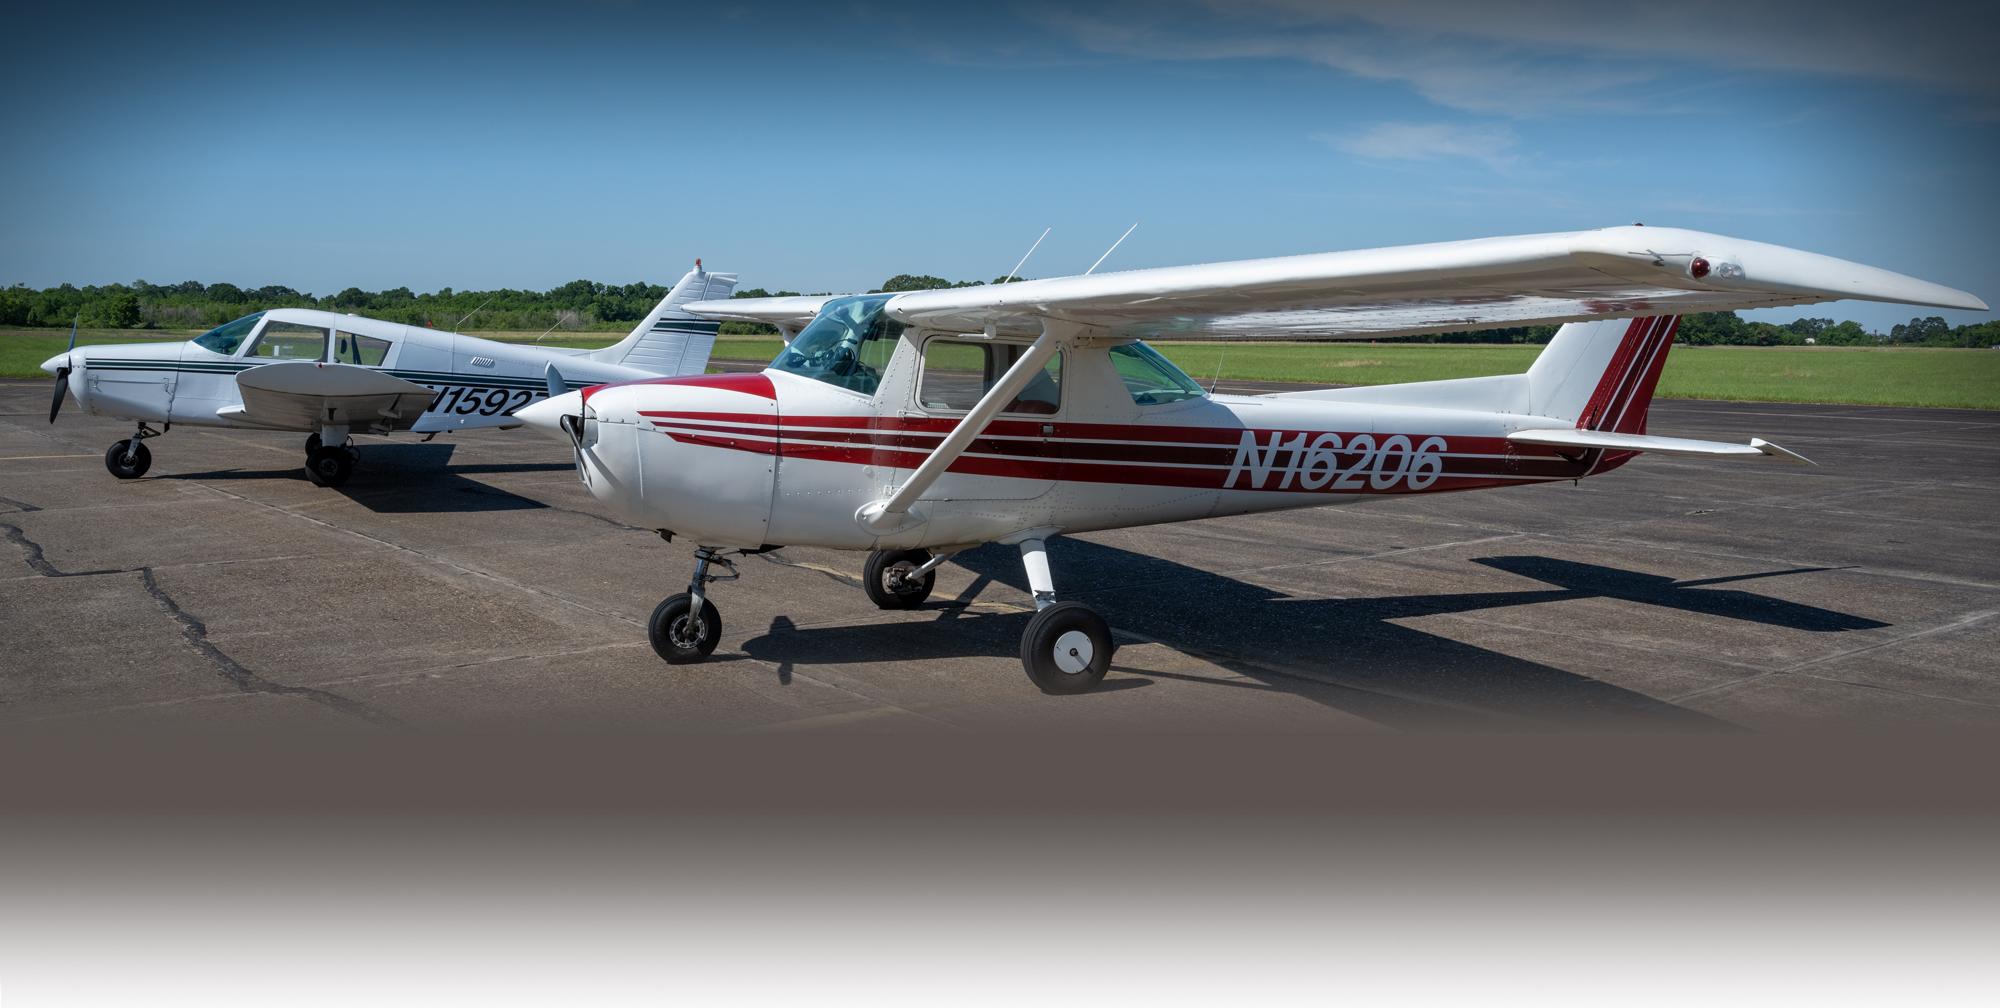 Aircraft-Pano